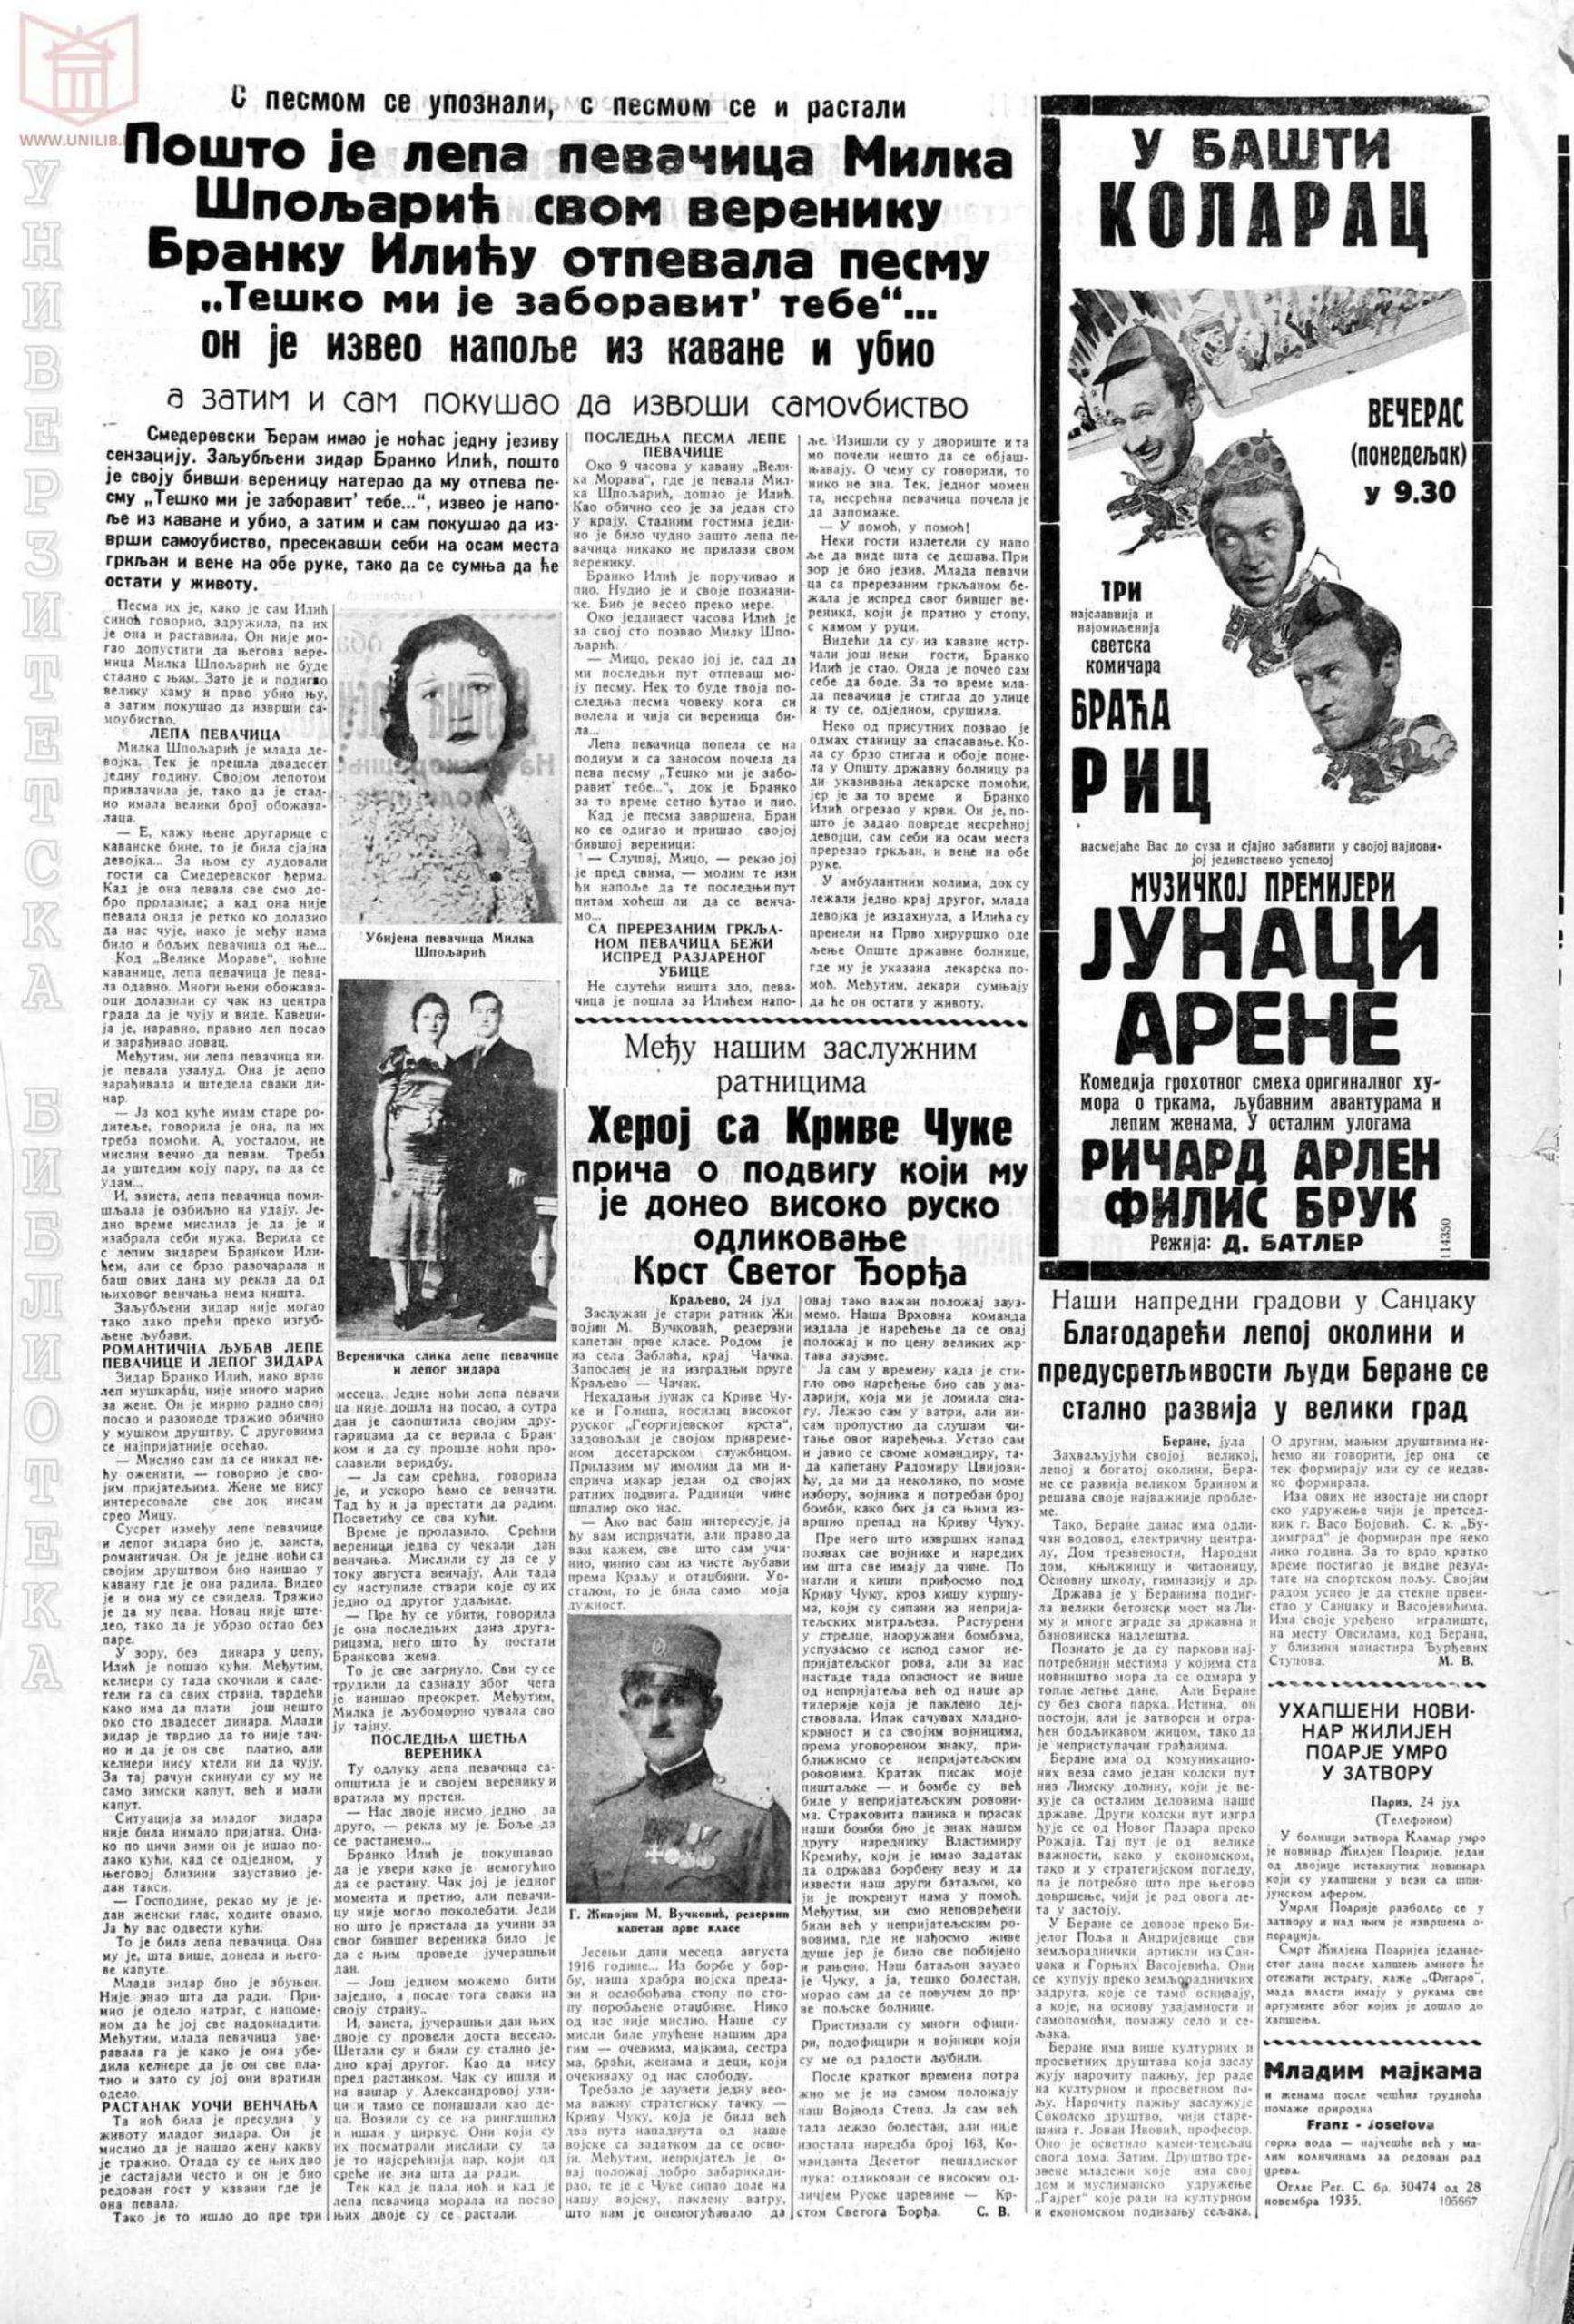 Pravda 1939-07-25 p5-1